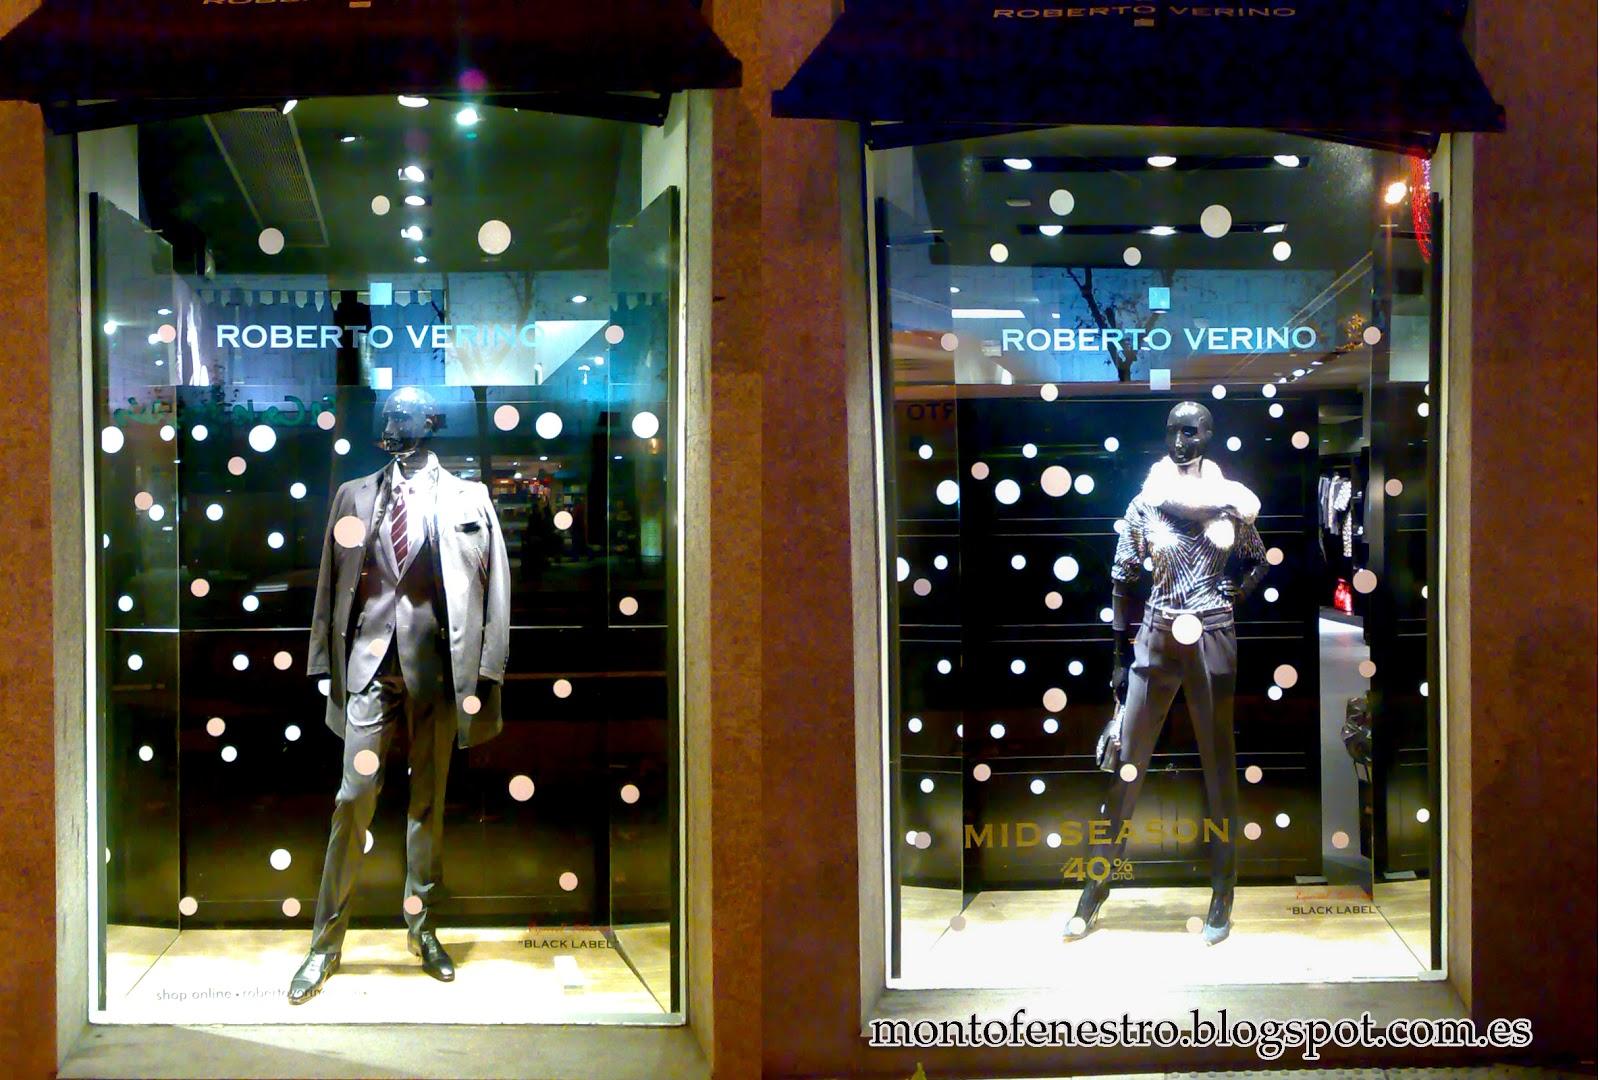 Montofenestro escaparate dise o y m s 2012 escaparates - Ideas escaparate navidad ...